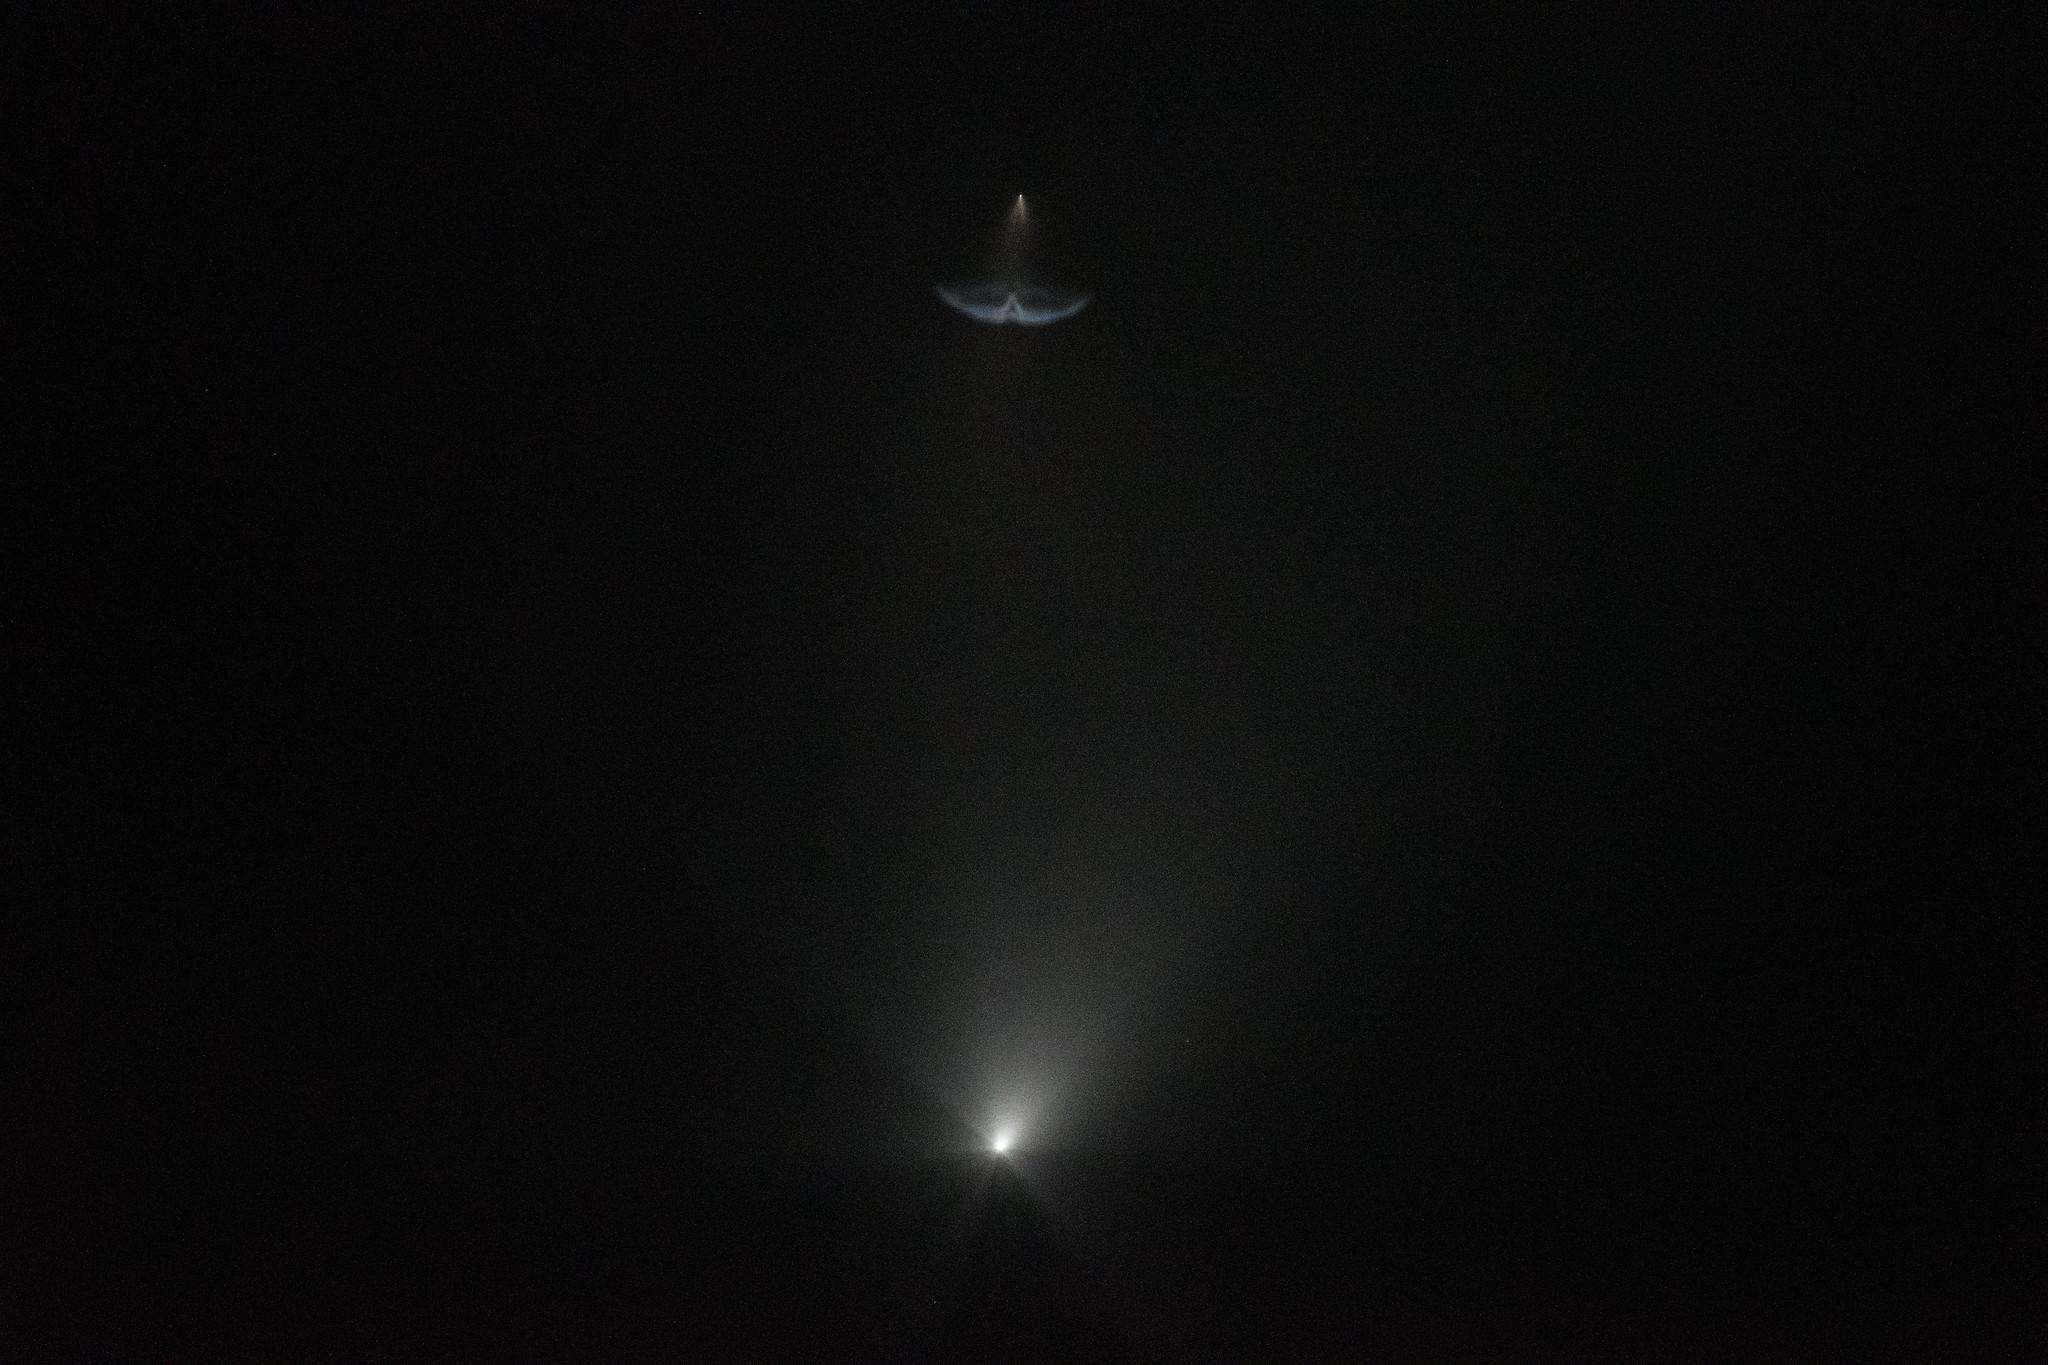 La première étape (ci-dessus) s'est séparée de la fusée Falcon 9 lors du lancement de SpaceX Crew-2 le 23 avril 2021.